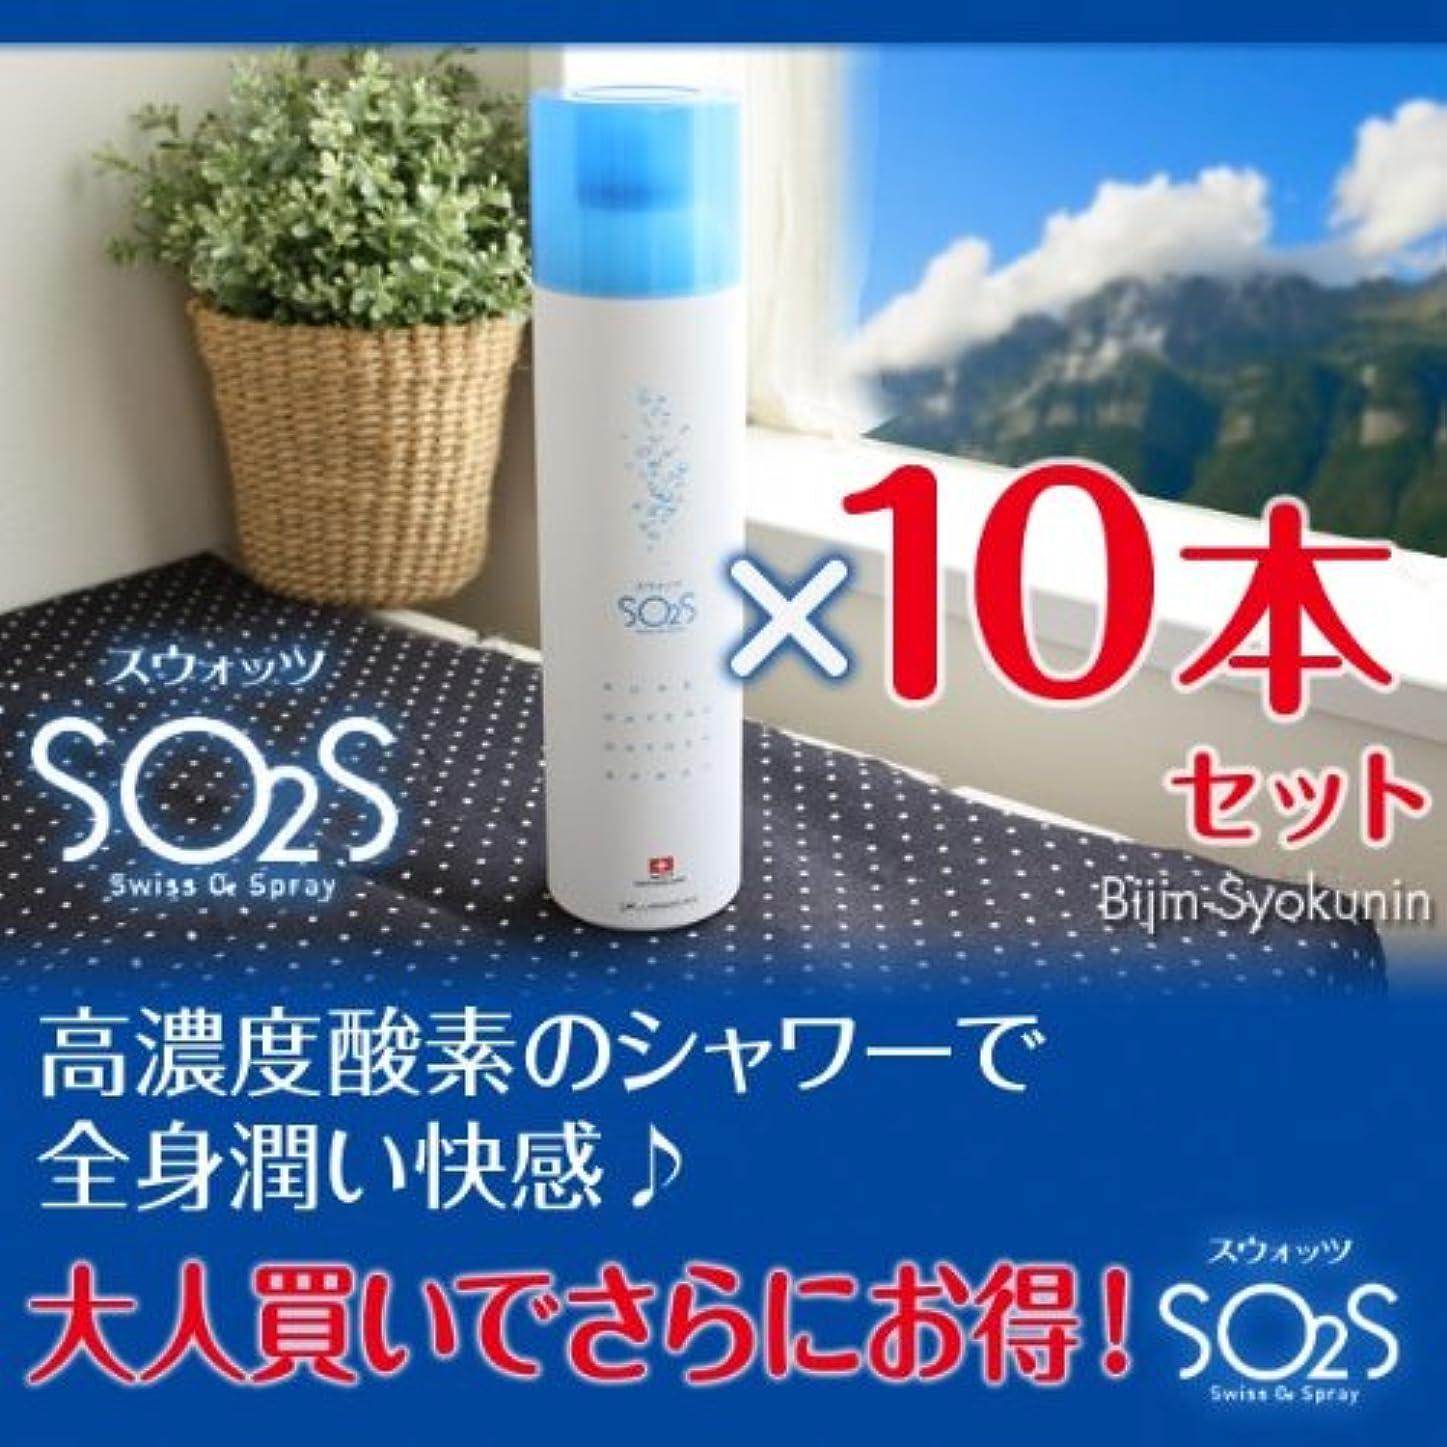 雪グレートオーク帰るスウォッツ (300ml) 10本セット【SO2S】